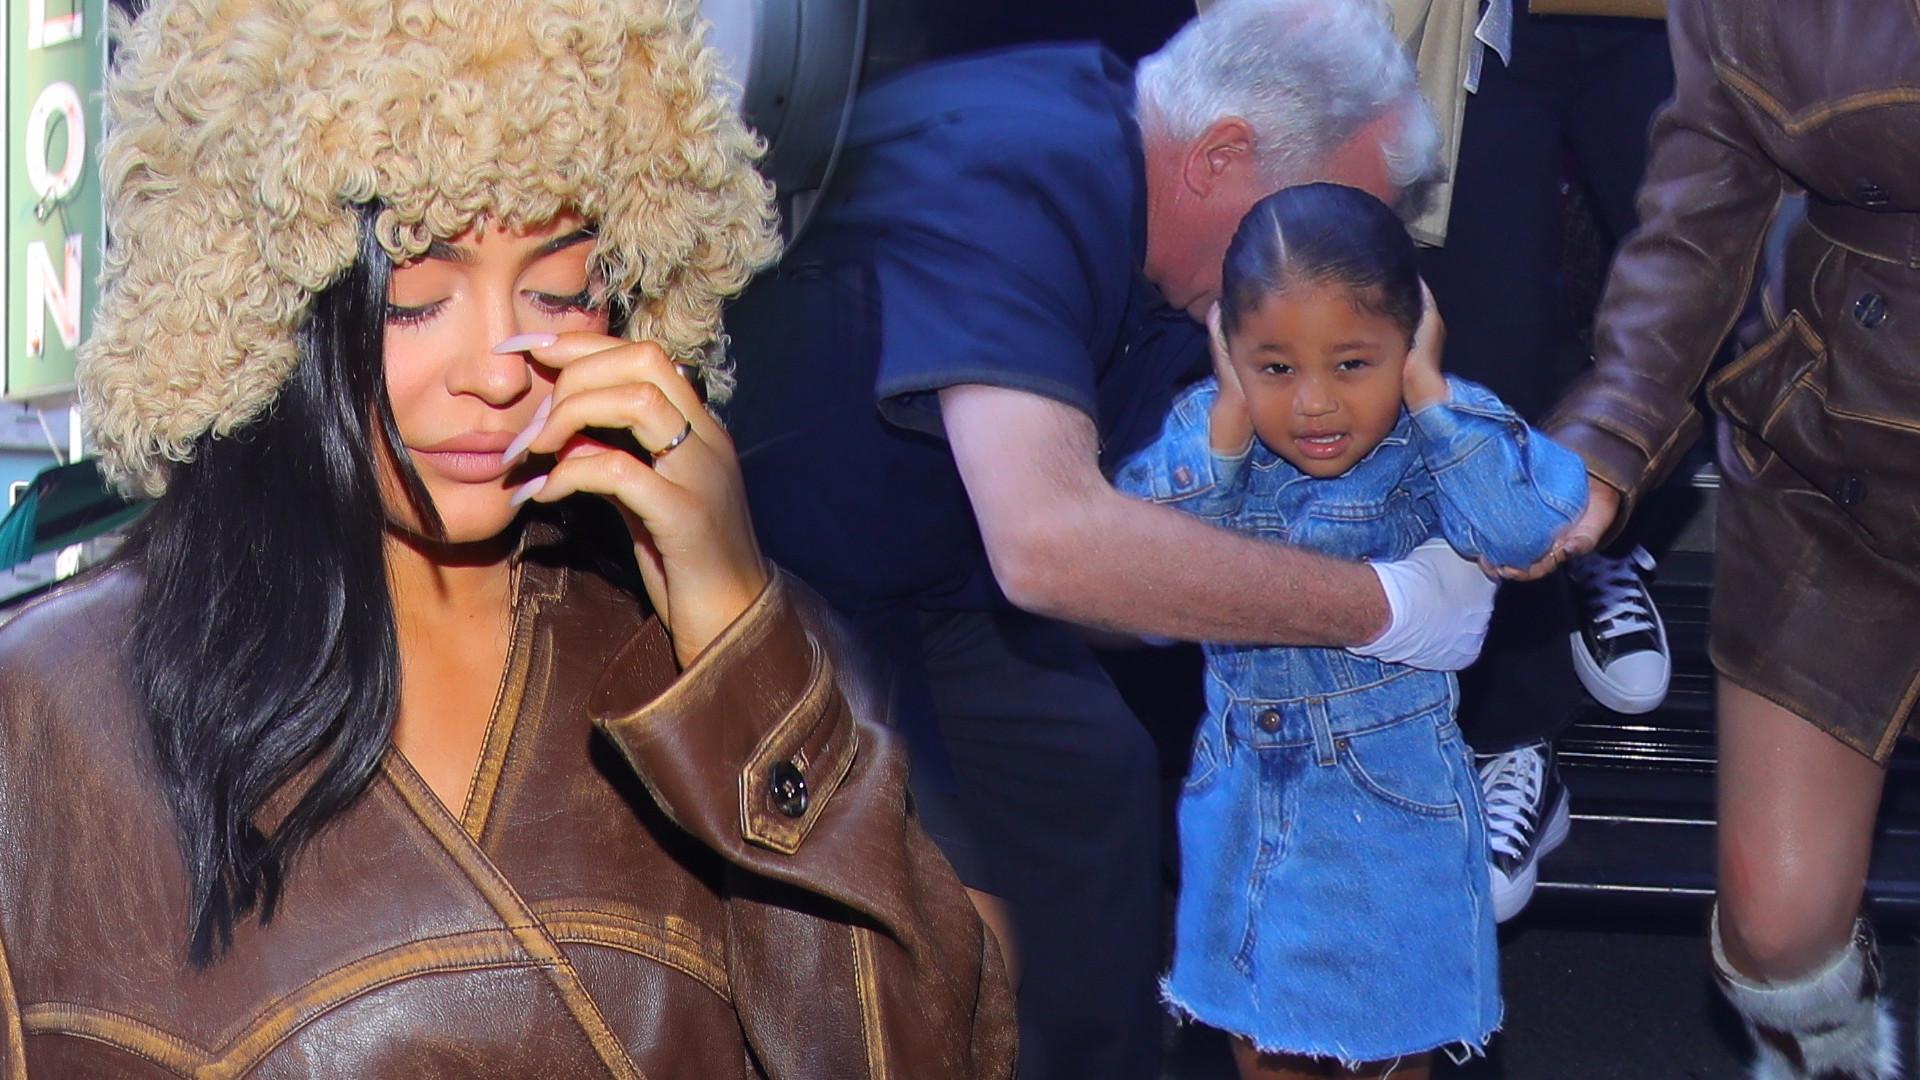 Ciężarna Kylie Jenner z córeczką Stormi – dziewczynka zaczęła krzyczeć i płakać (ZDJĘCIA)